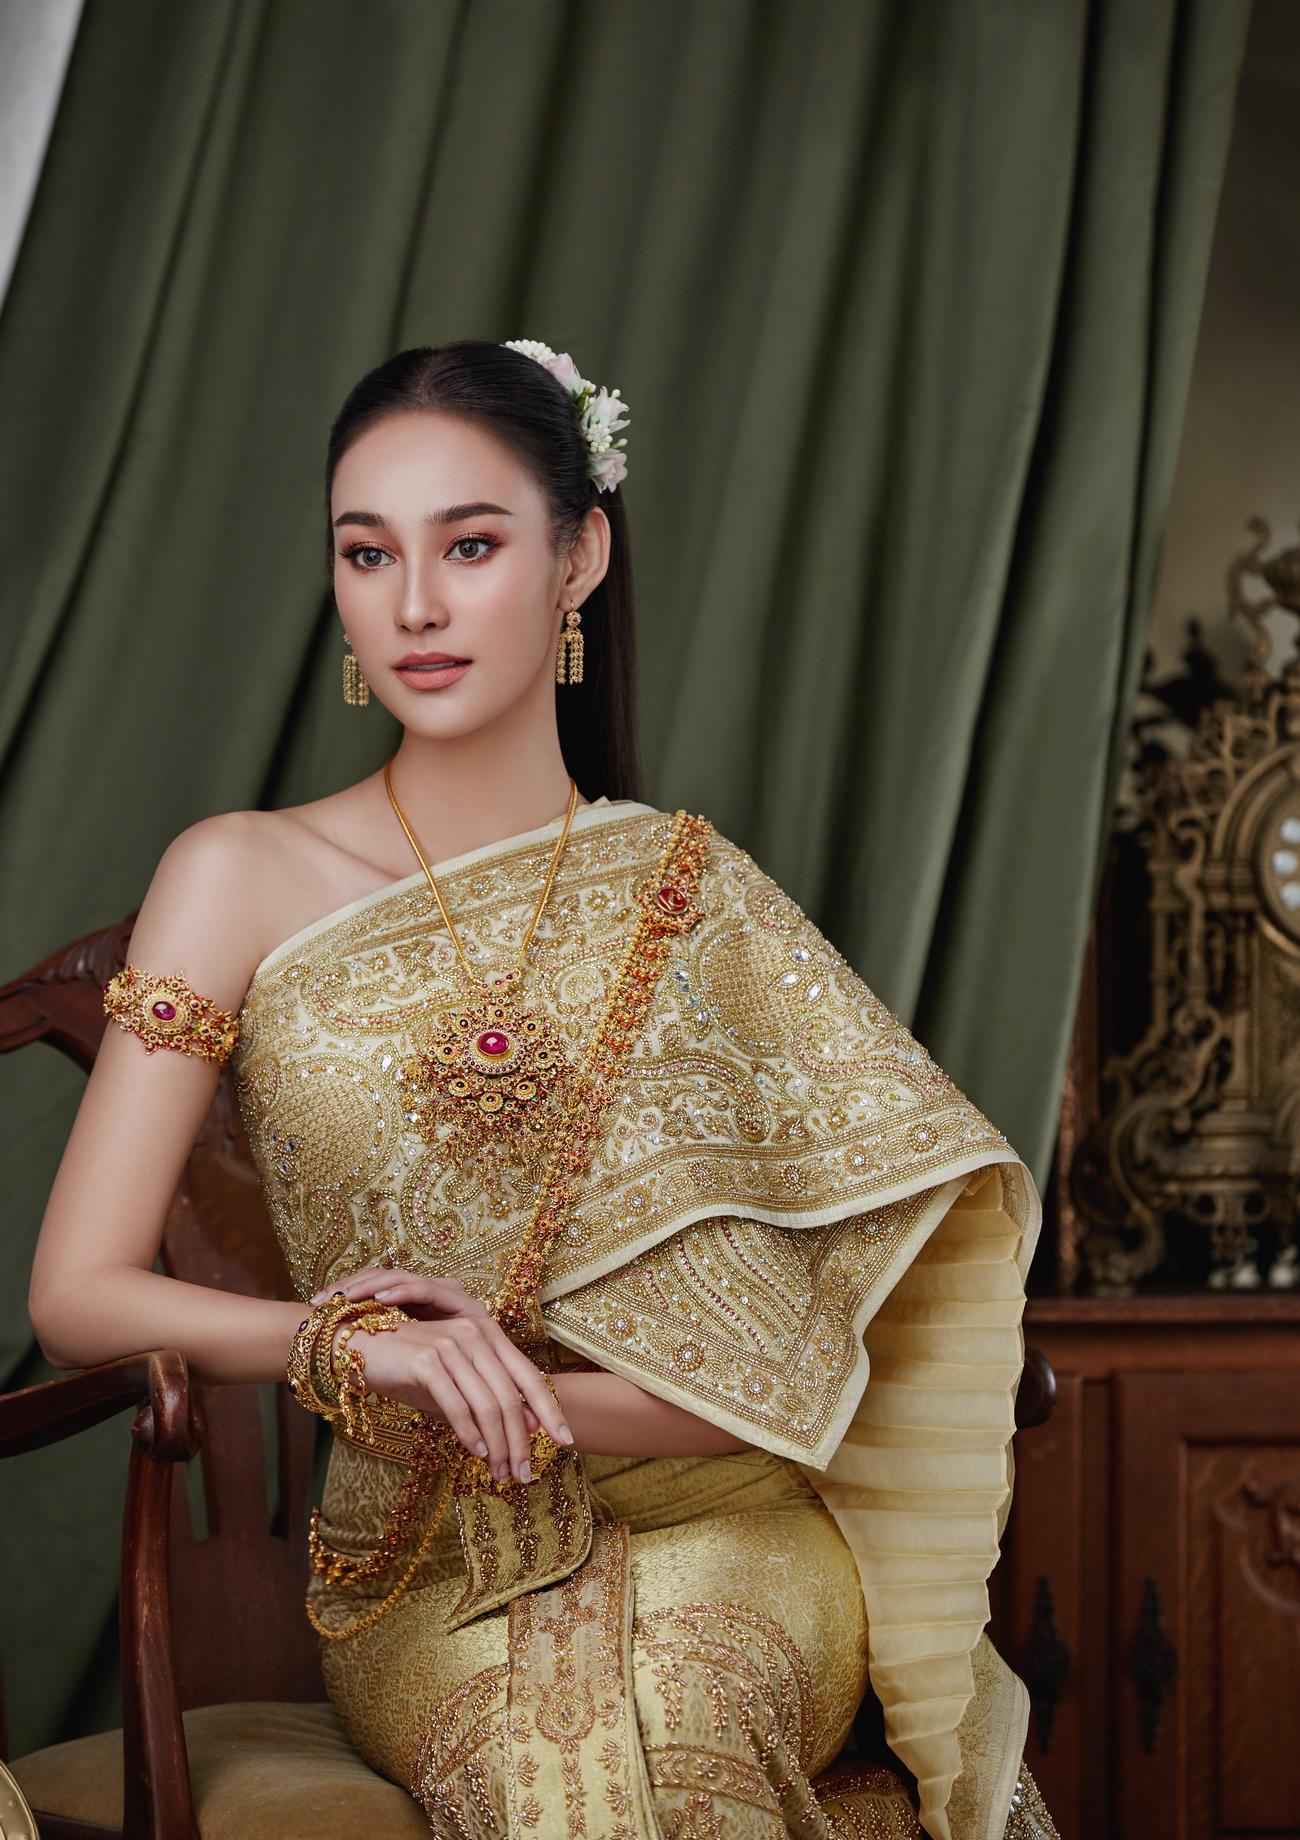 นาว-ทิสานาฏ ในชุดไทย สุดคลาสสิค